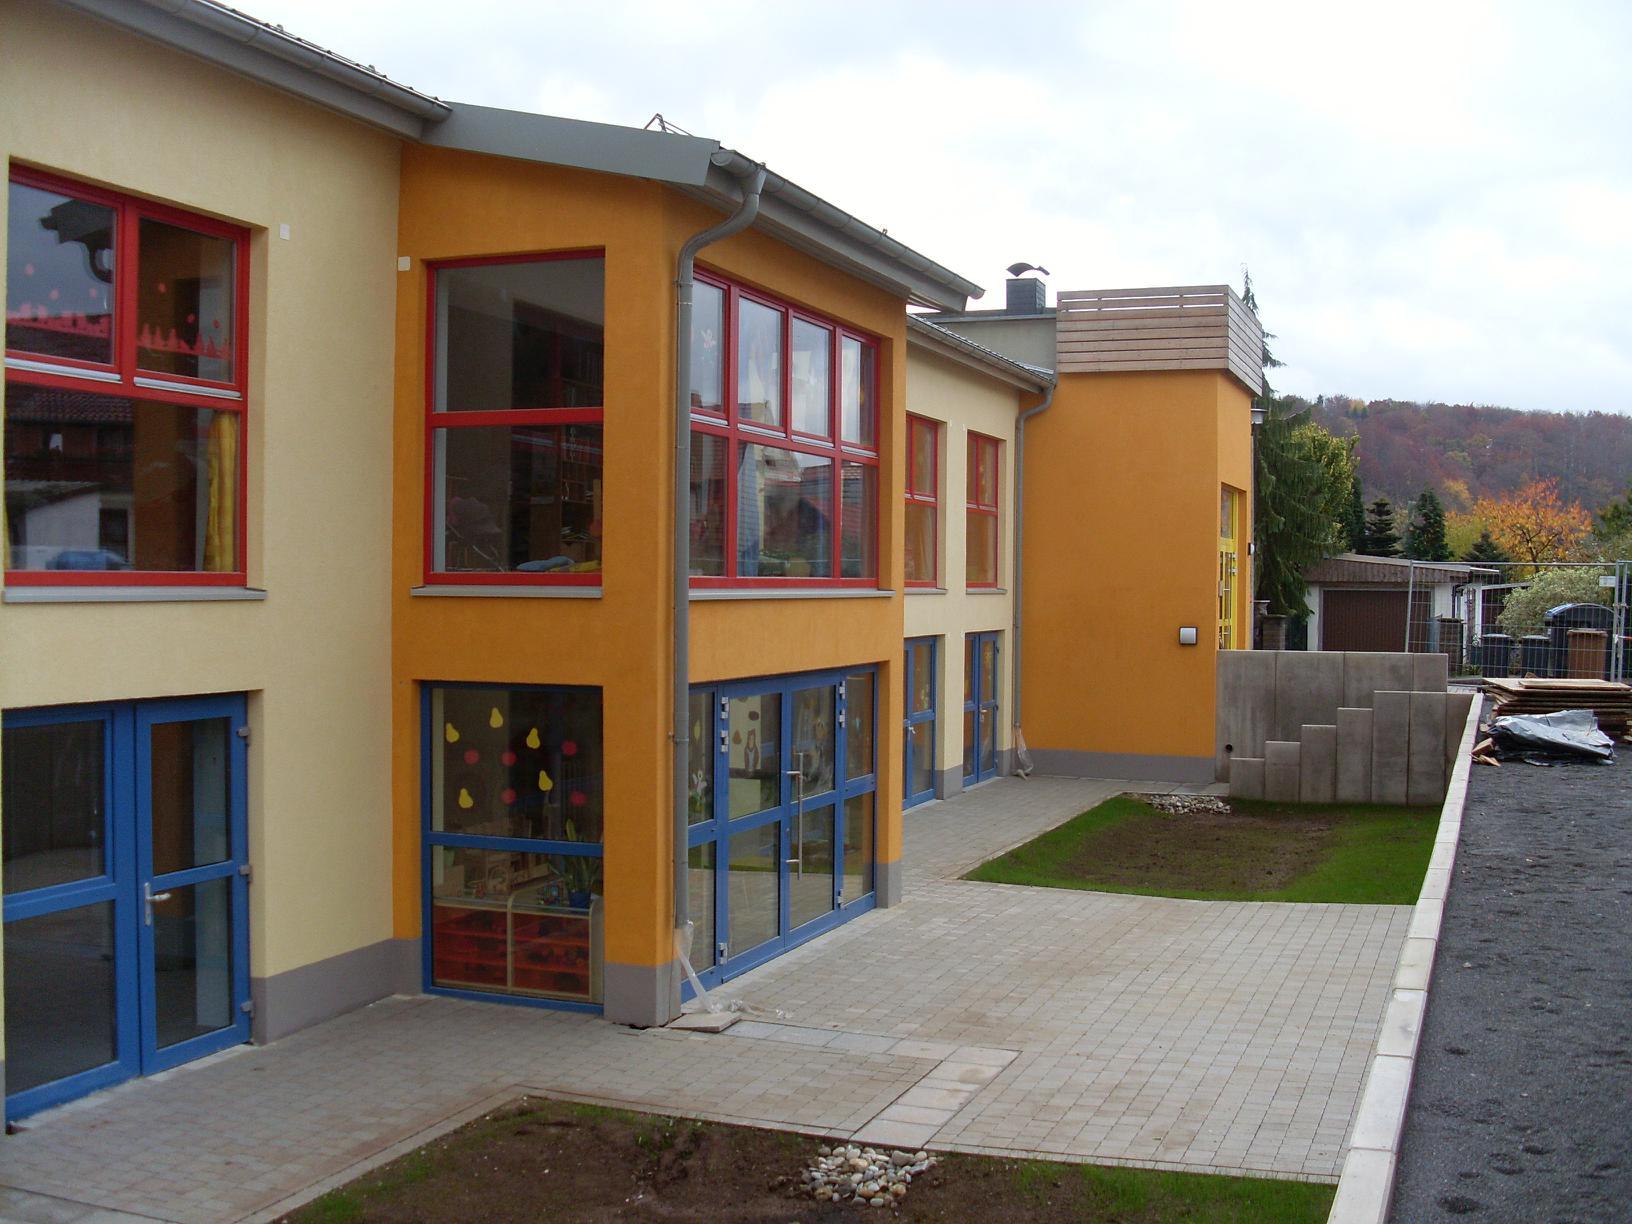 Um-, An- und Umbau der KITA in Ilfeld, Gemeinde Harztor